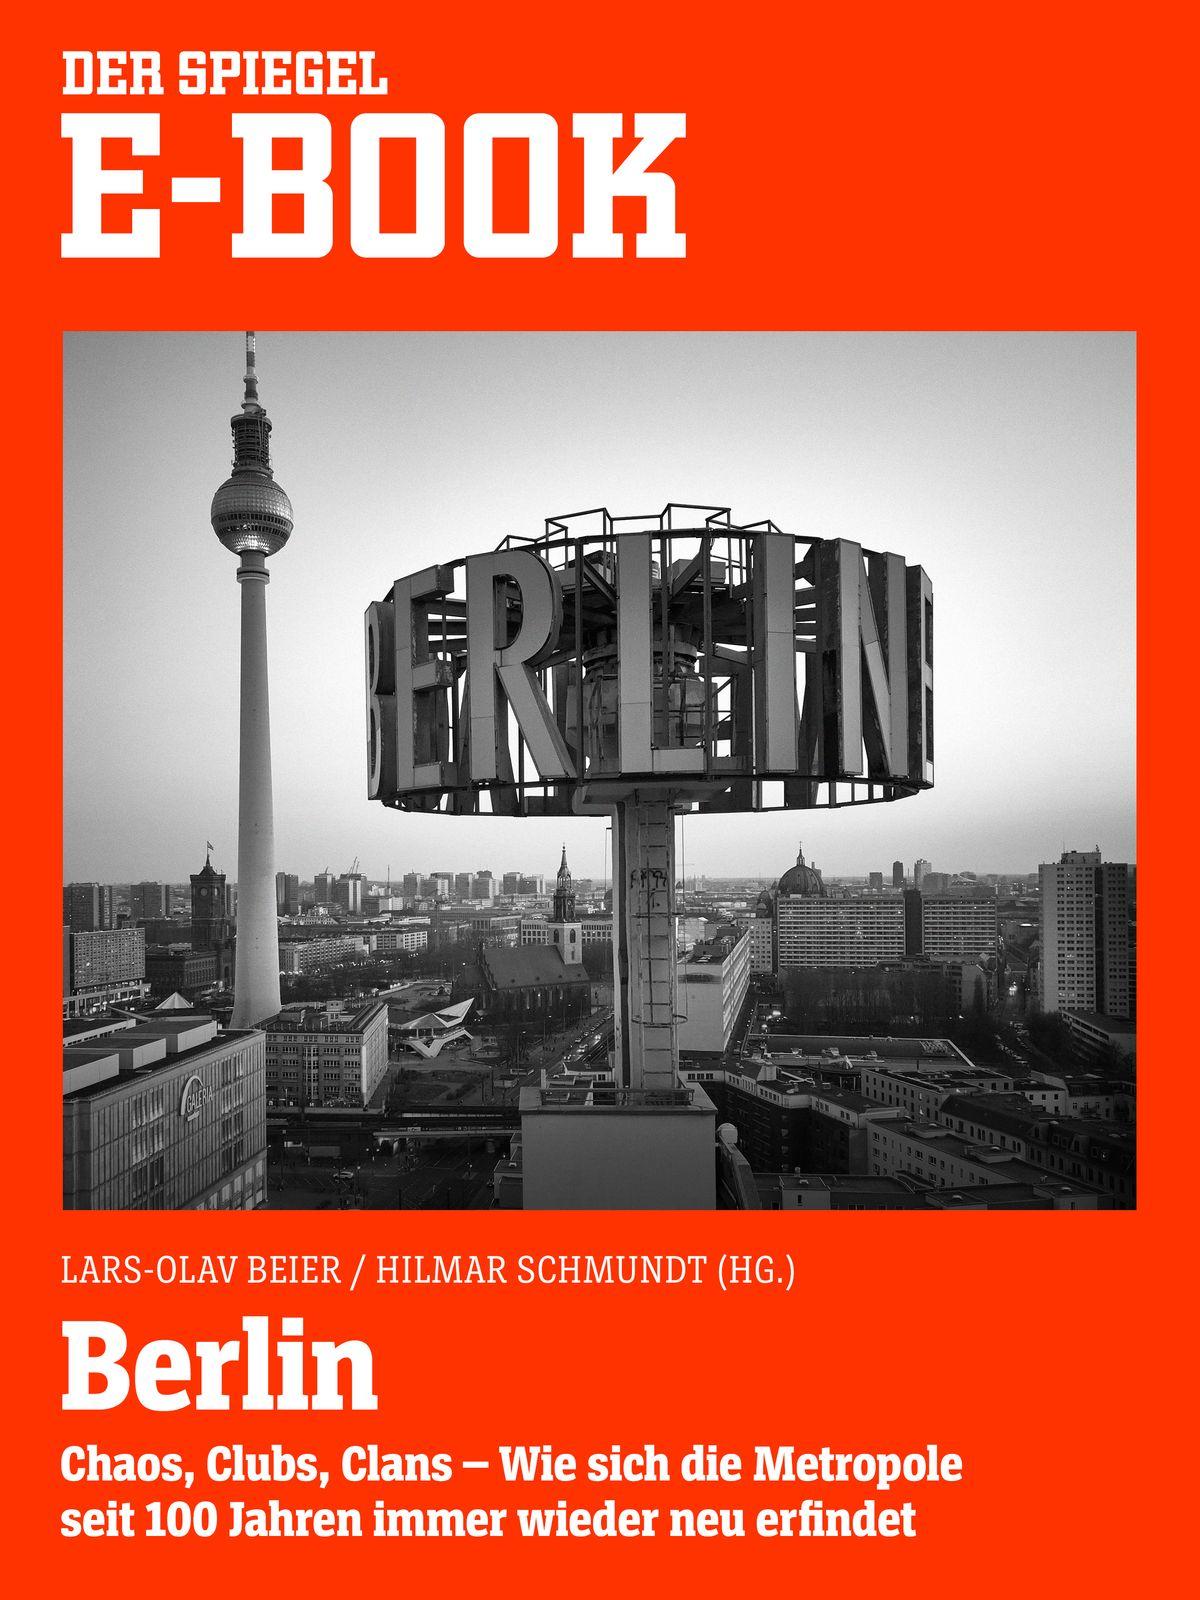 Wann Г¶ffnen Clubs Wieder Berlin